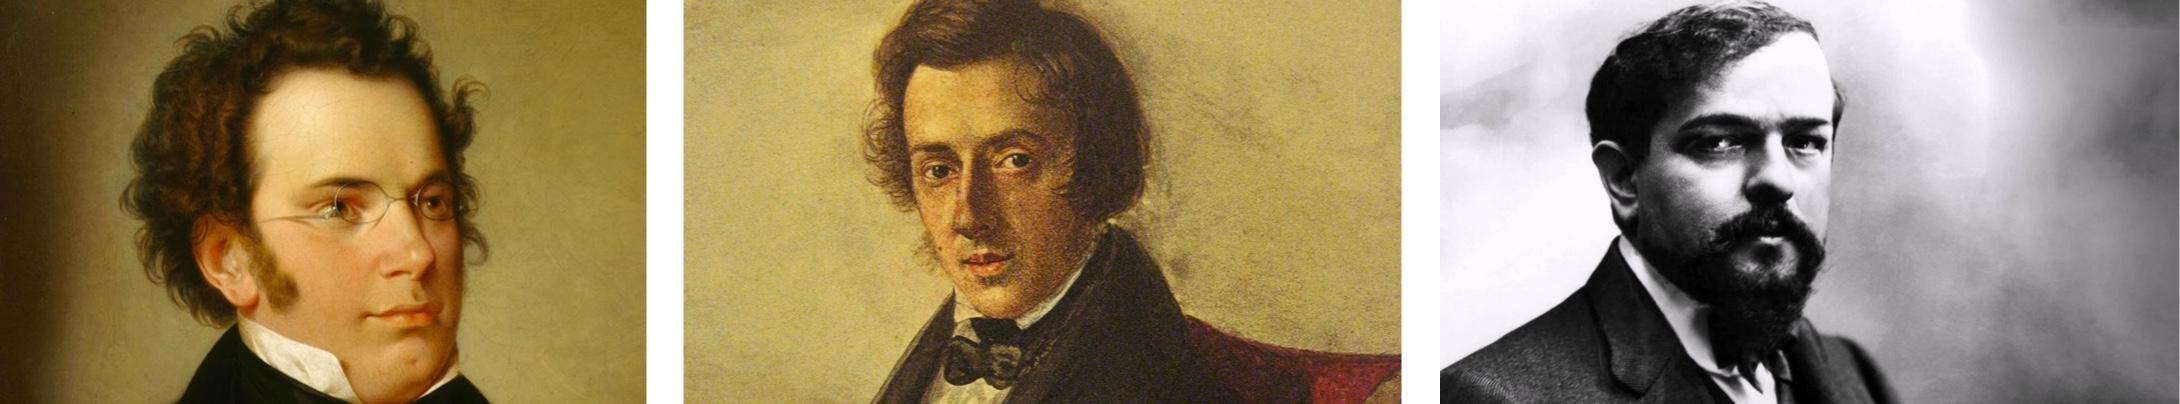 Brahms, Chopin, Debussy